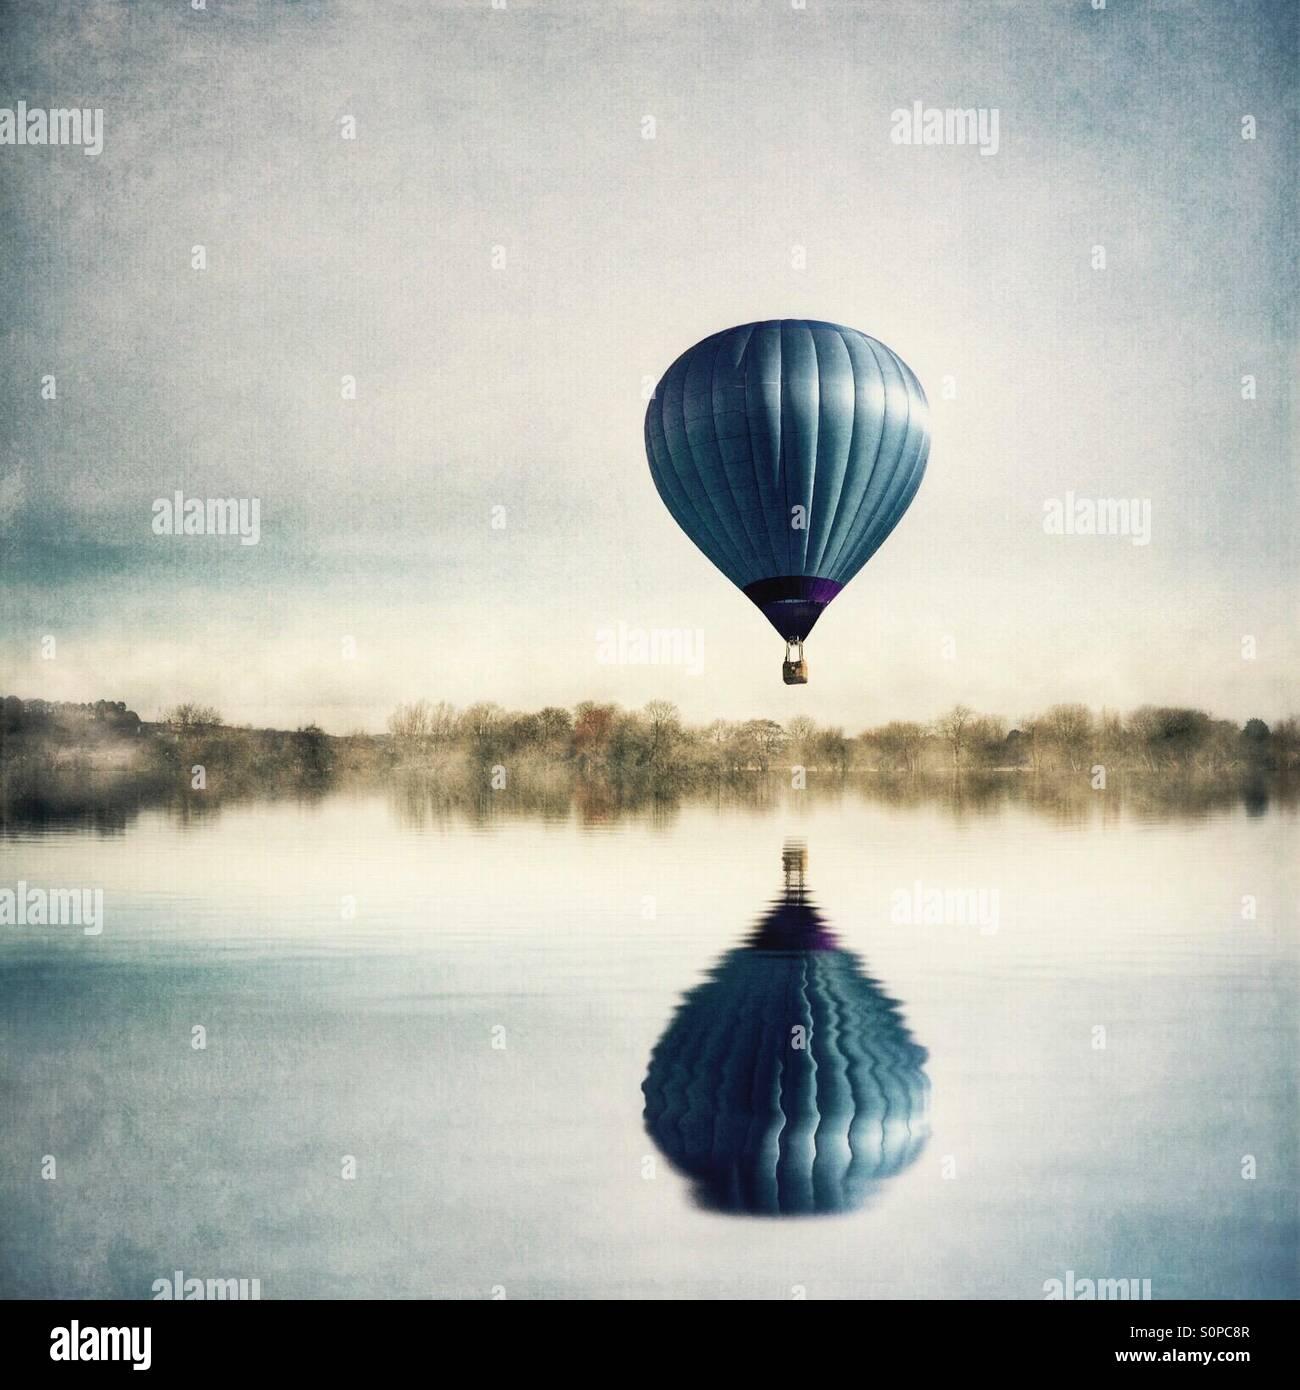 La reflexión de un globo de aire caliente en el lago Imagen De Stock